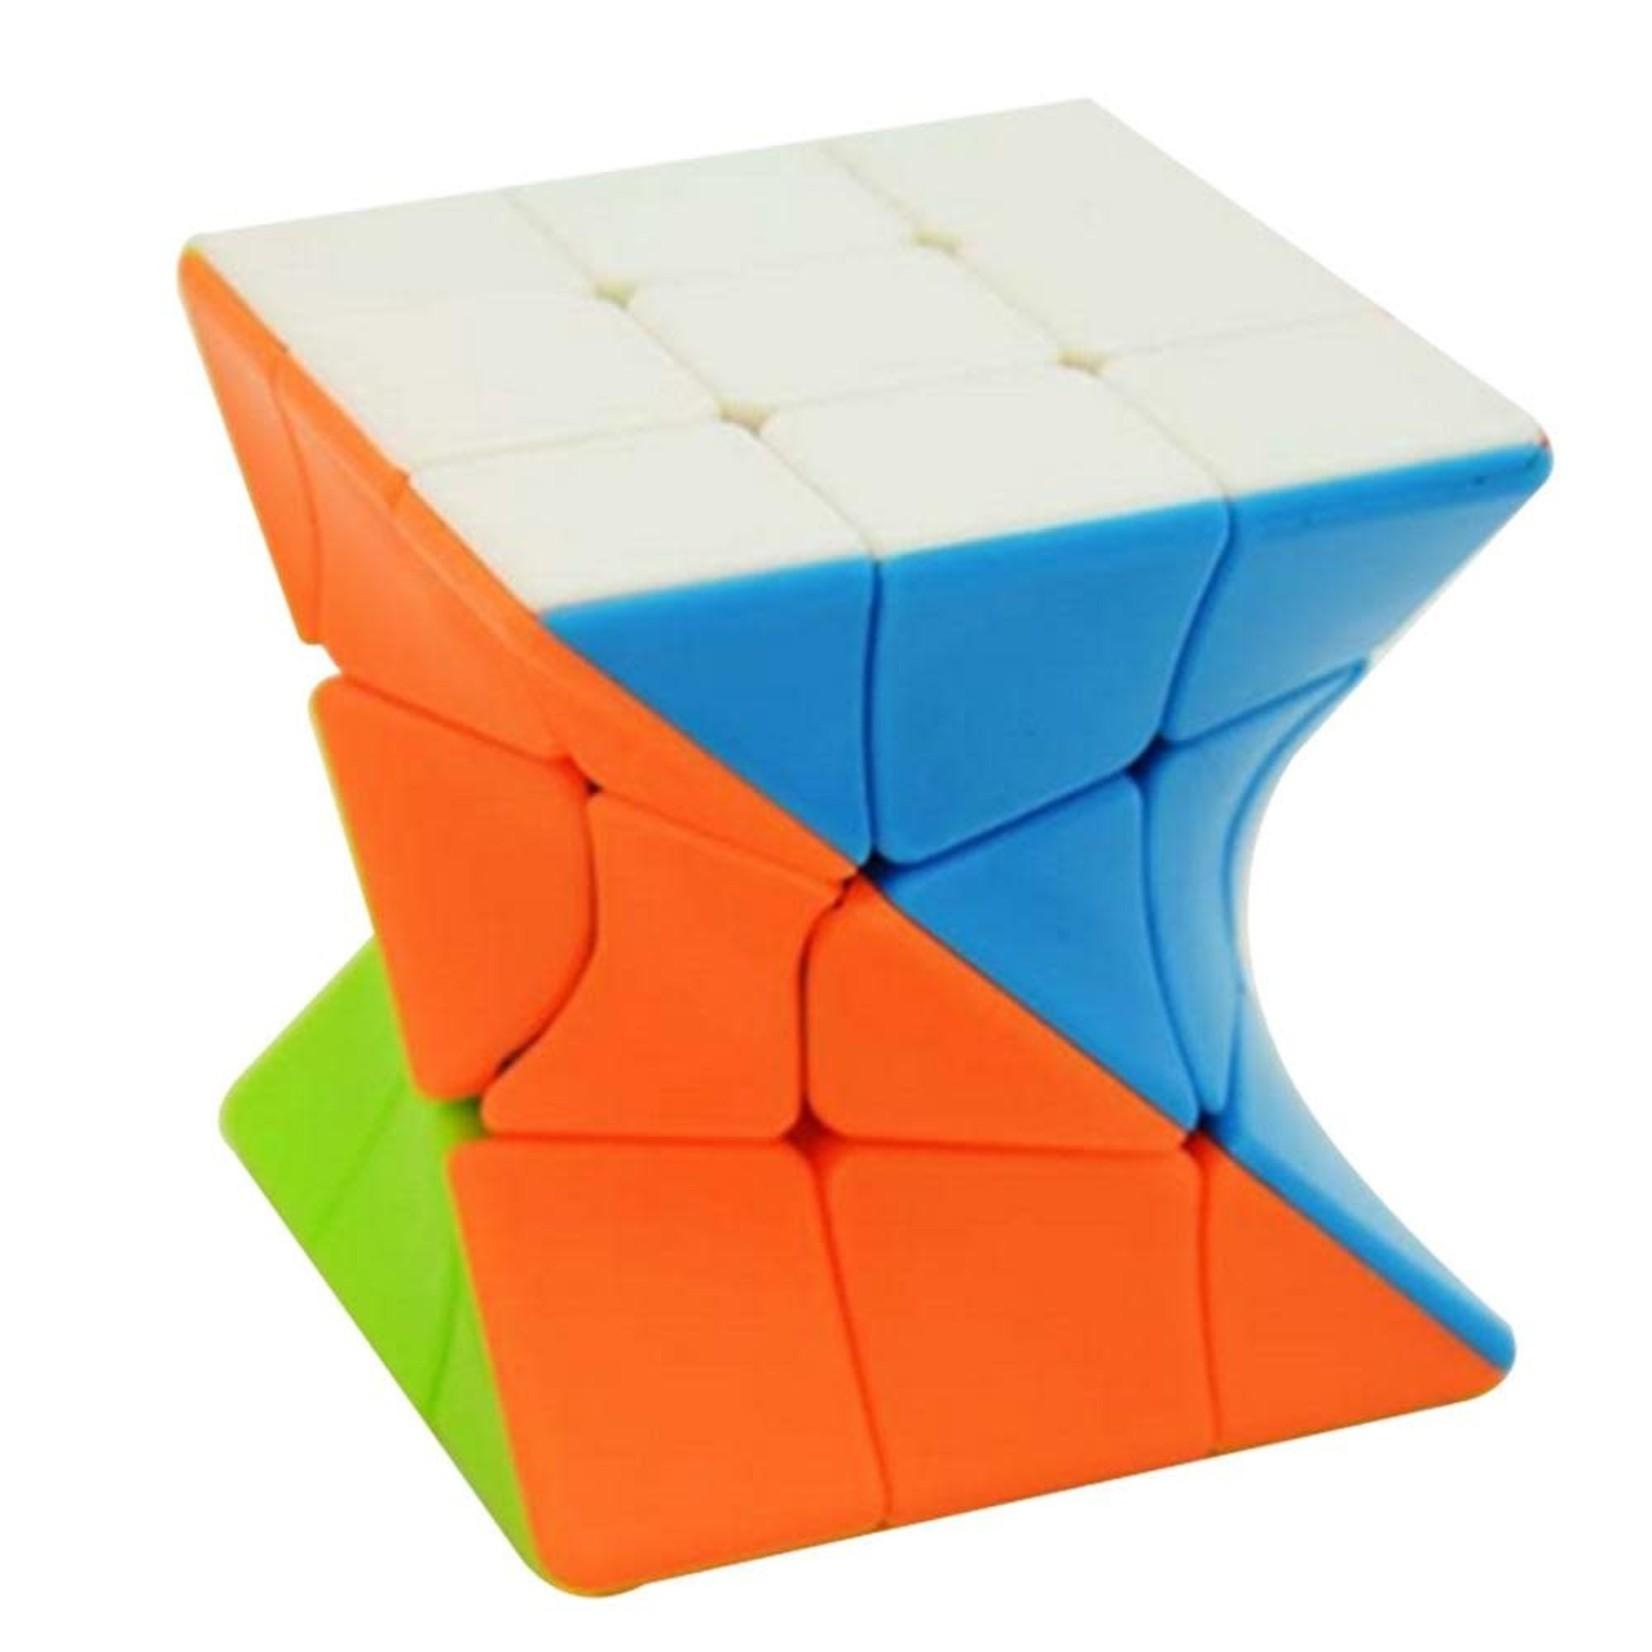 Twist Cube (SpeedCubeShop)